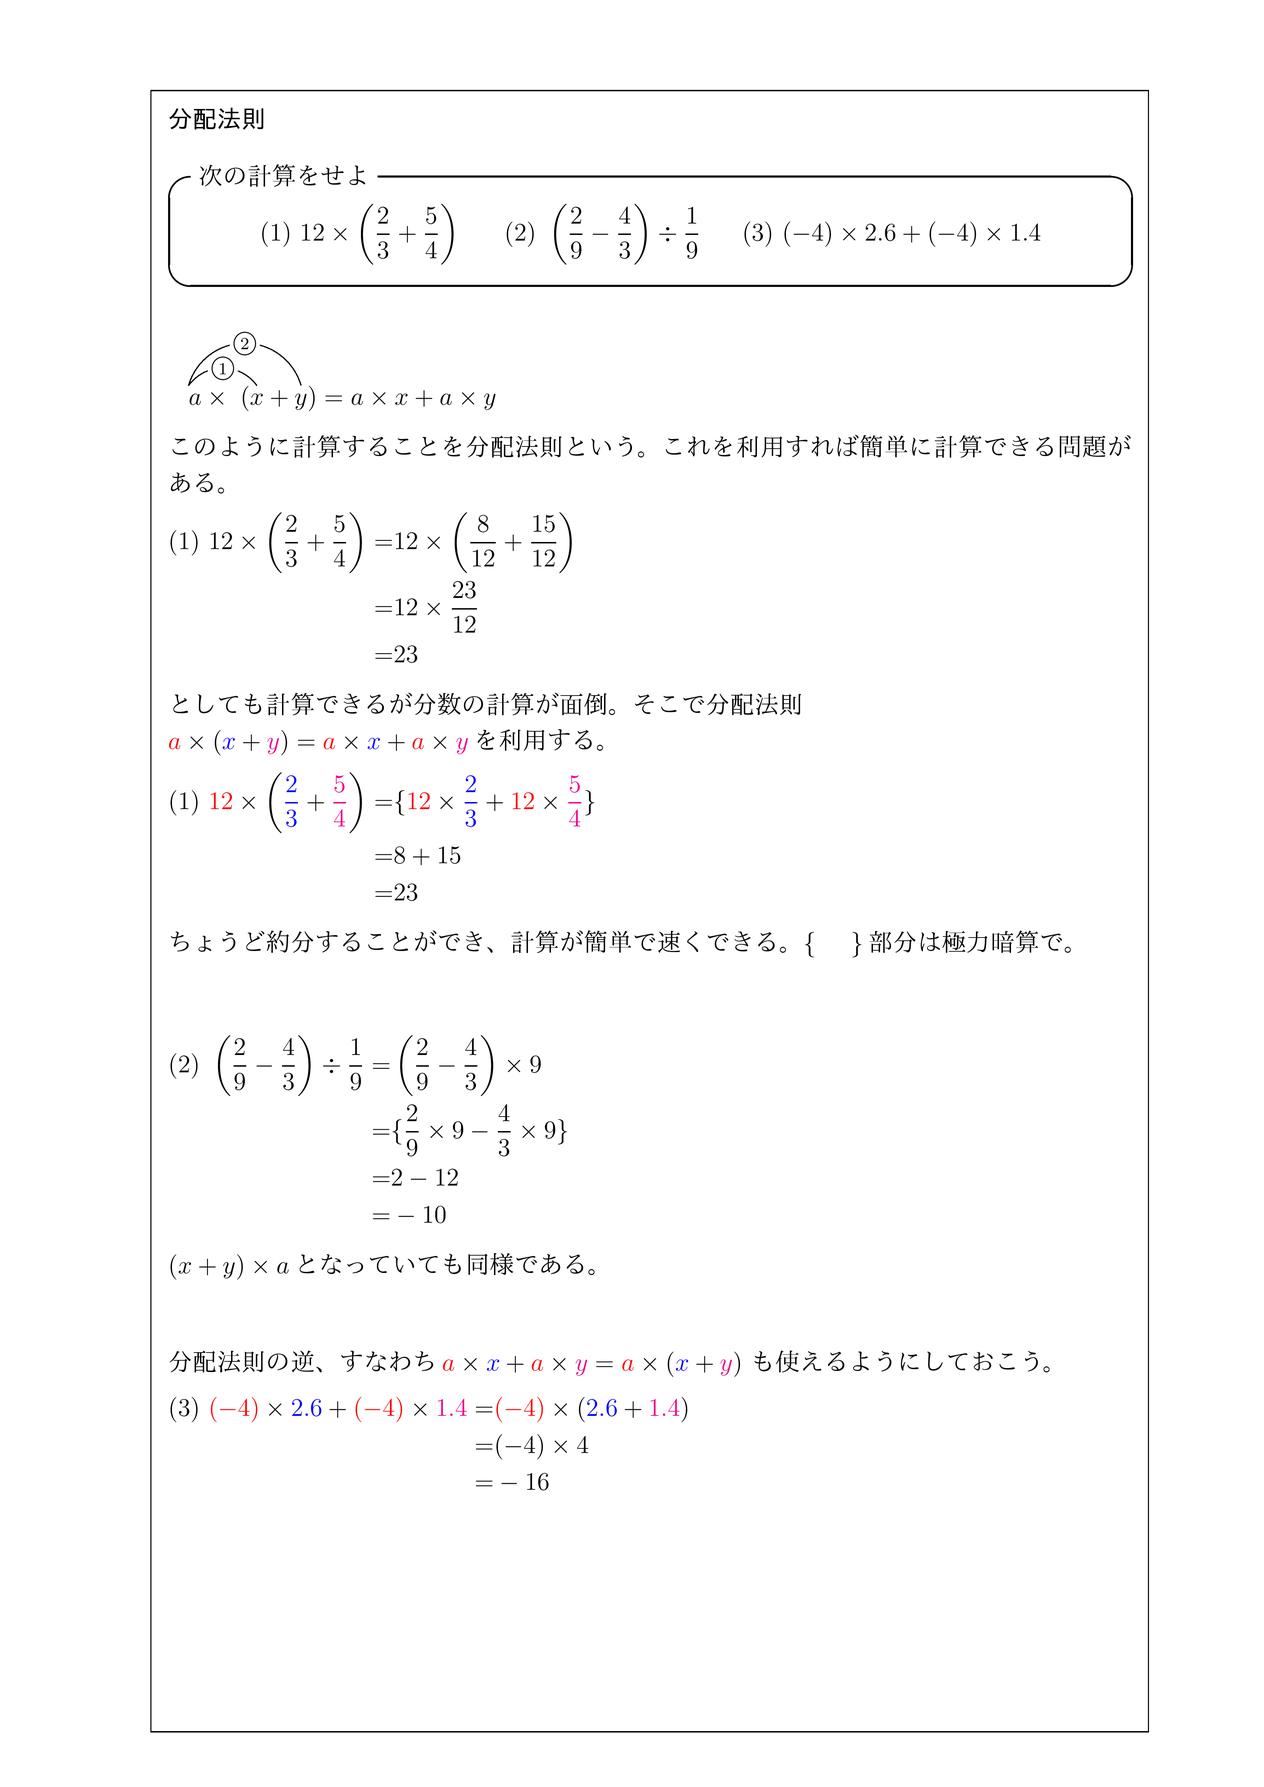 法則 分配 四則計算・分配法則